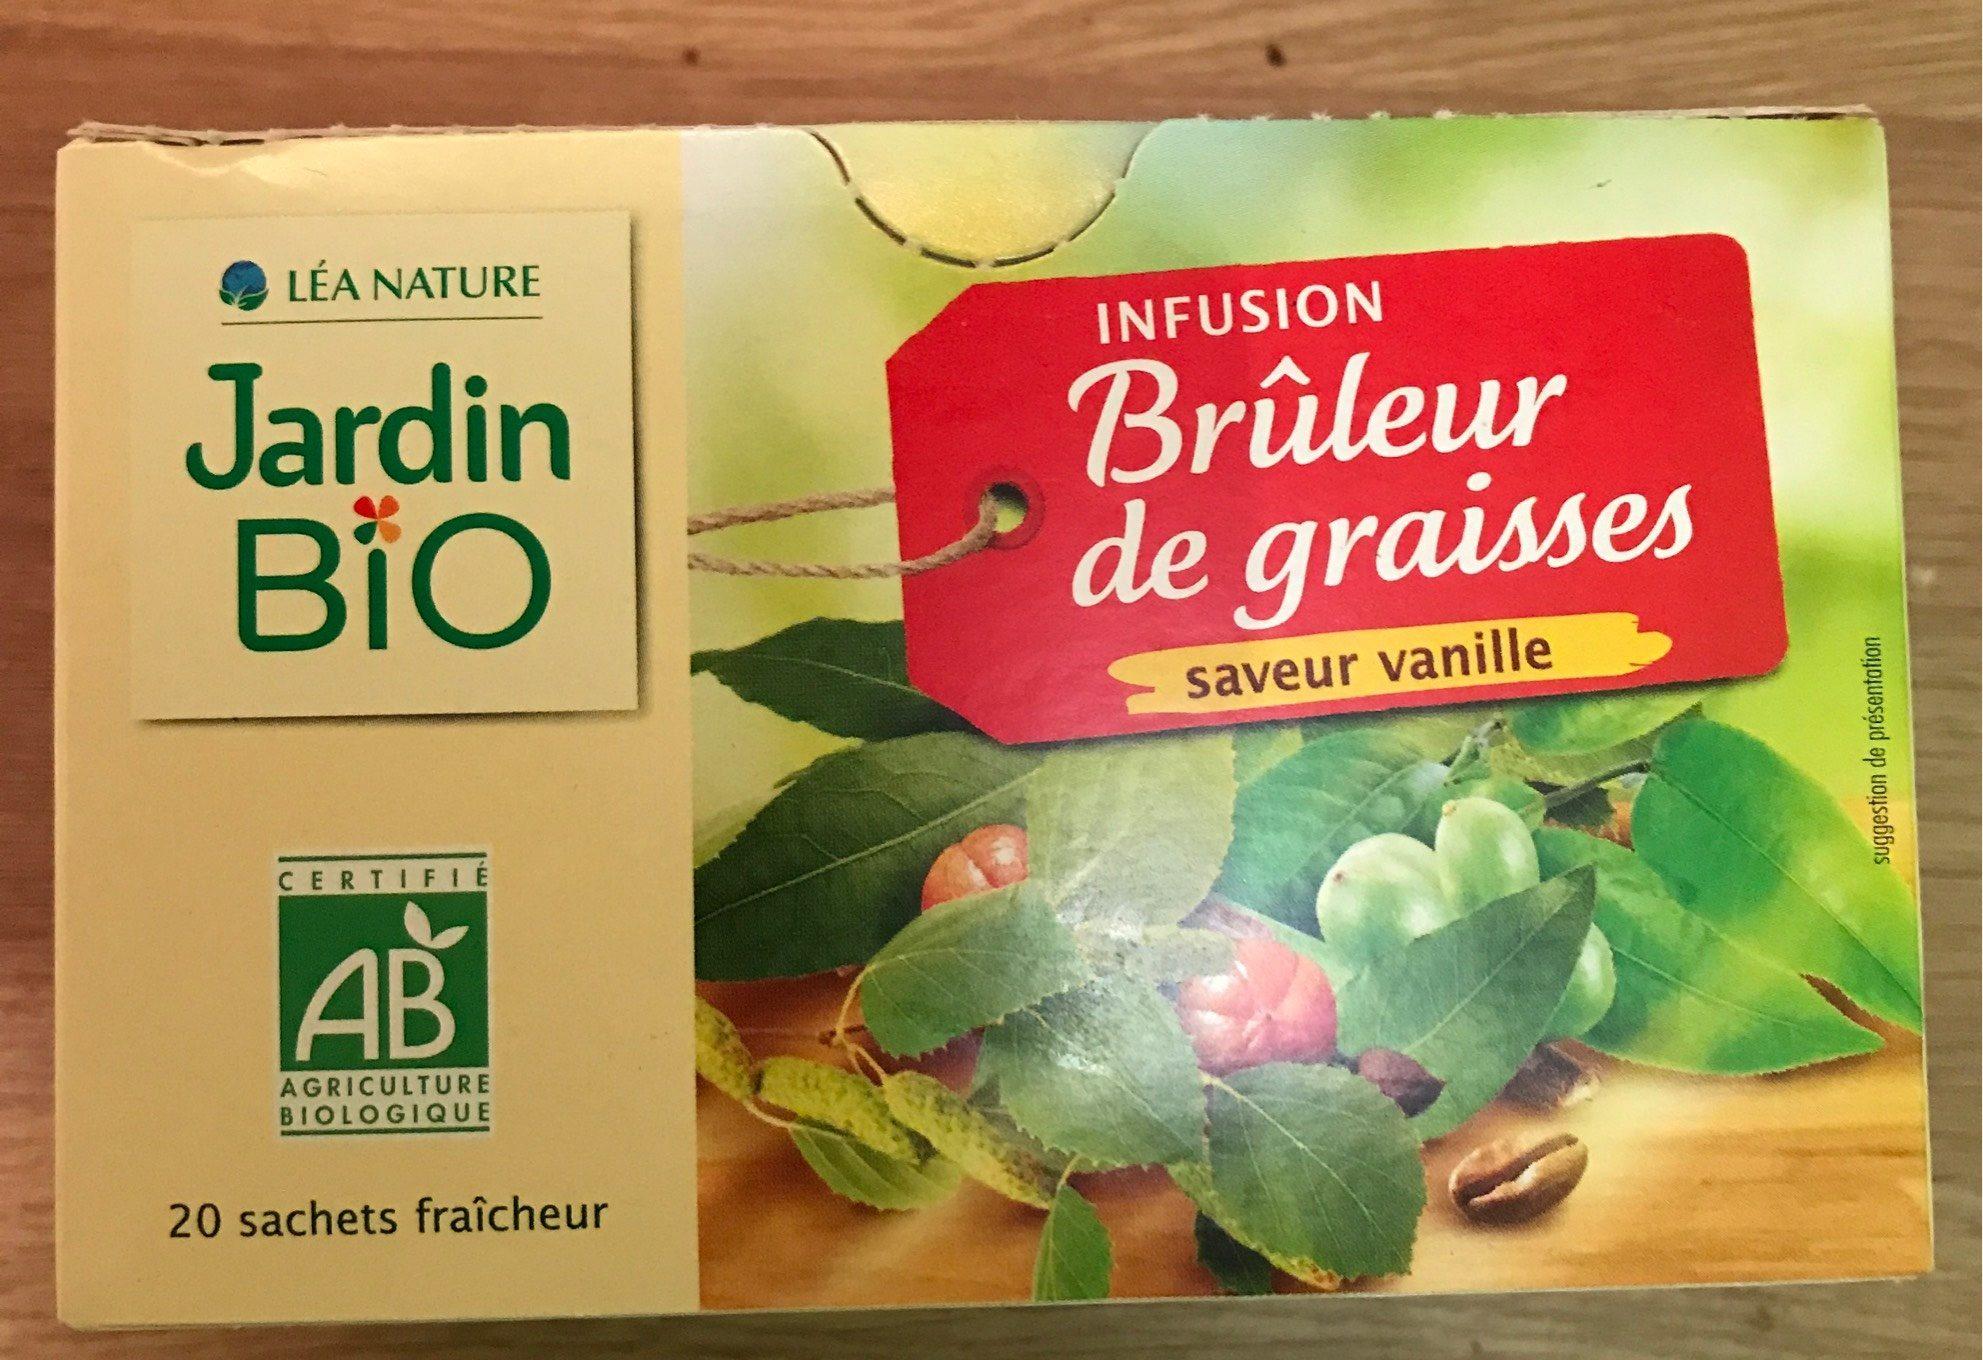 Infusion Brûleur Jardin Bio Vanille - 30 G (20 Sachets De 1,5 G) pour Jardin Bio Infusion